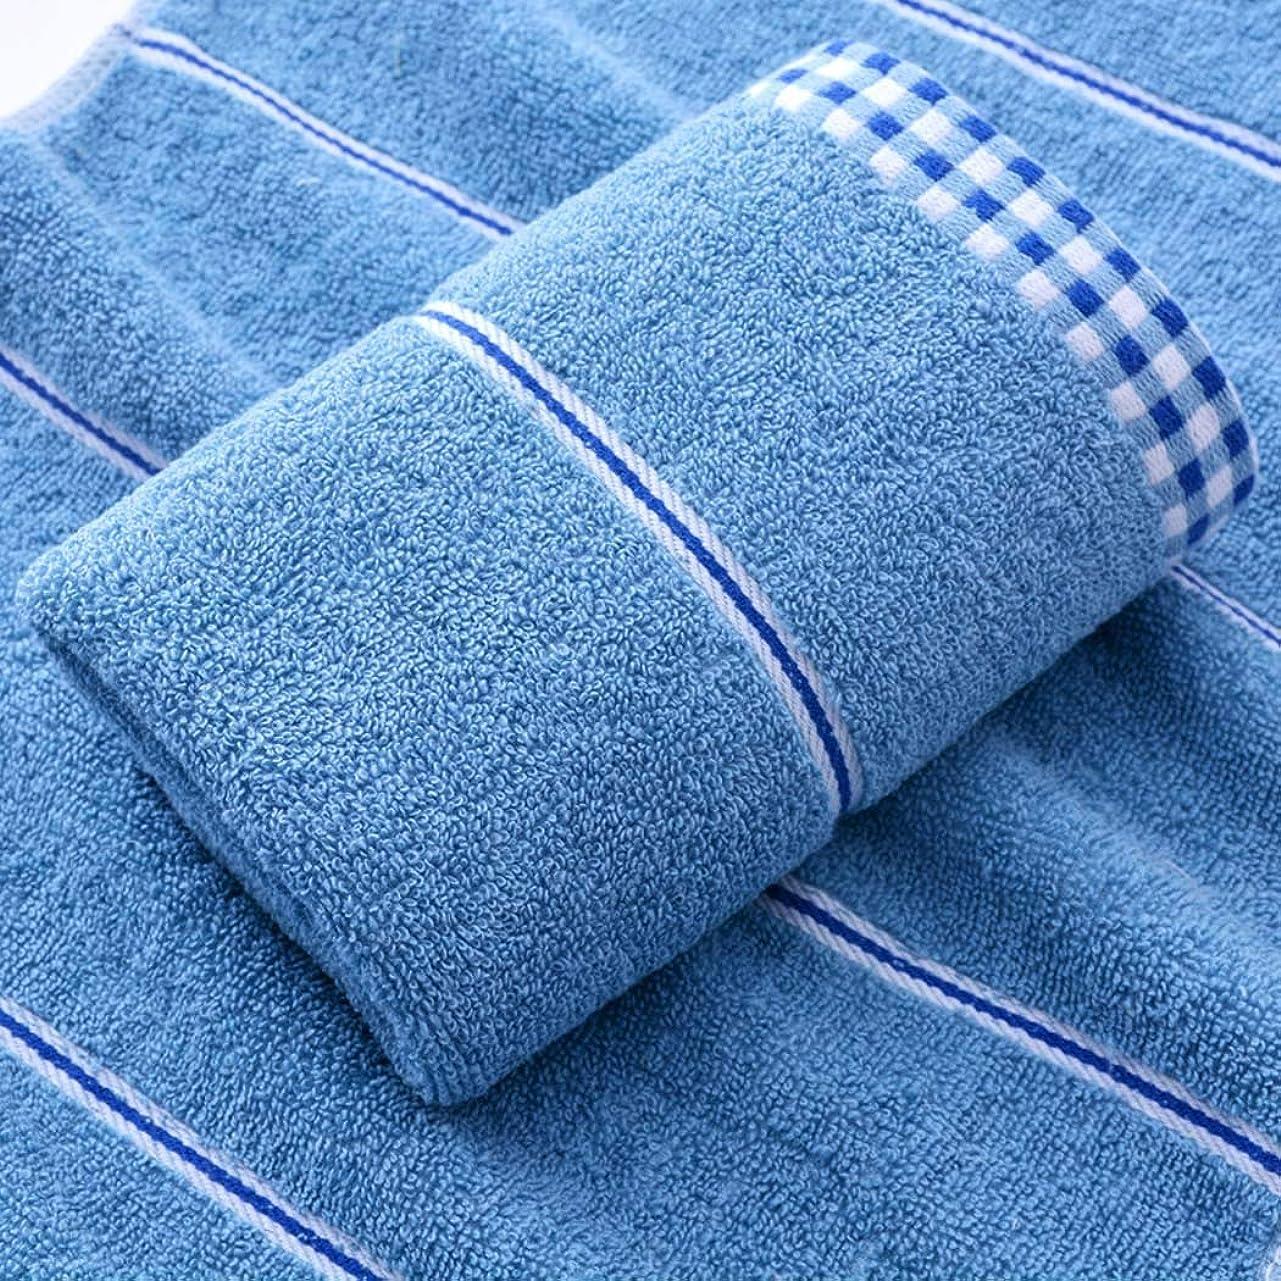 実施するスタッフリブファッション高級スーパーソフトコットンタオルと速乾性タオル,Blue,33*73cm